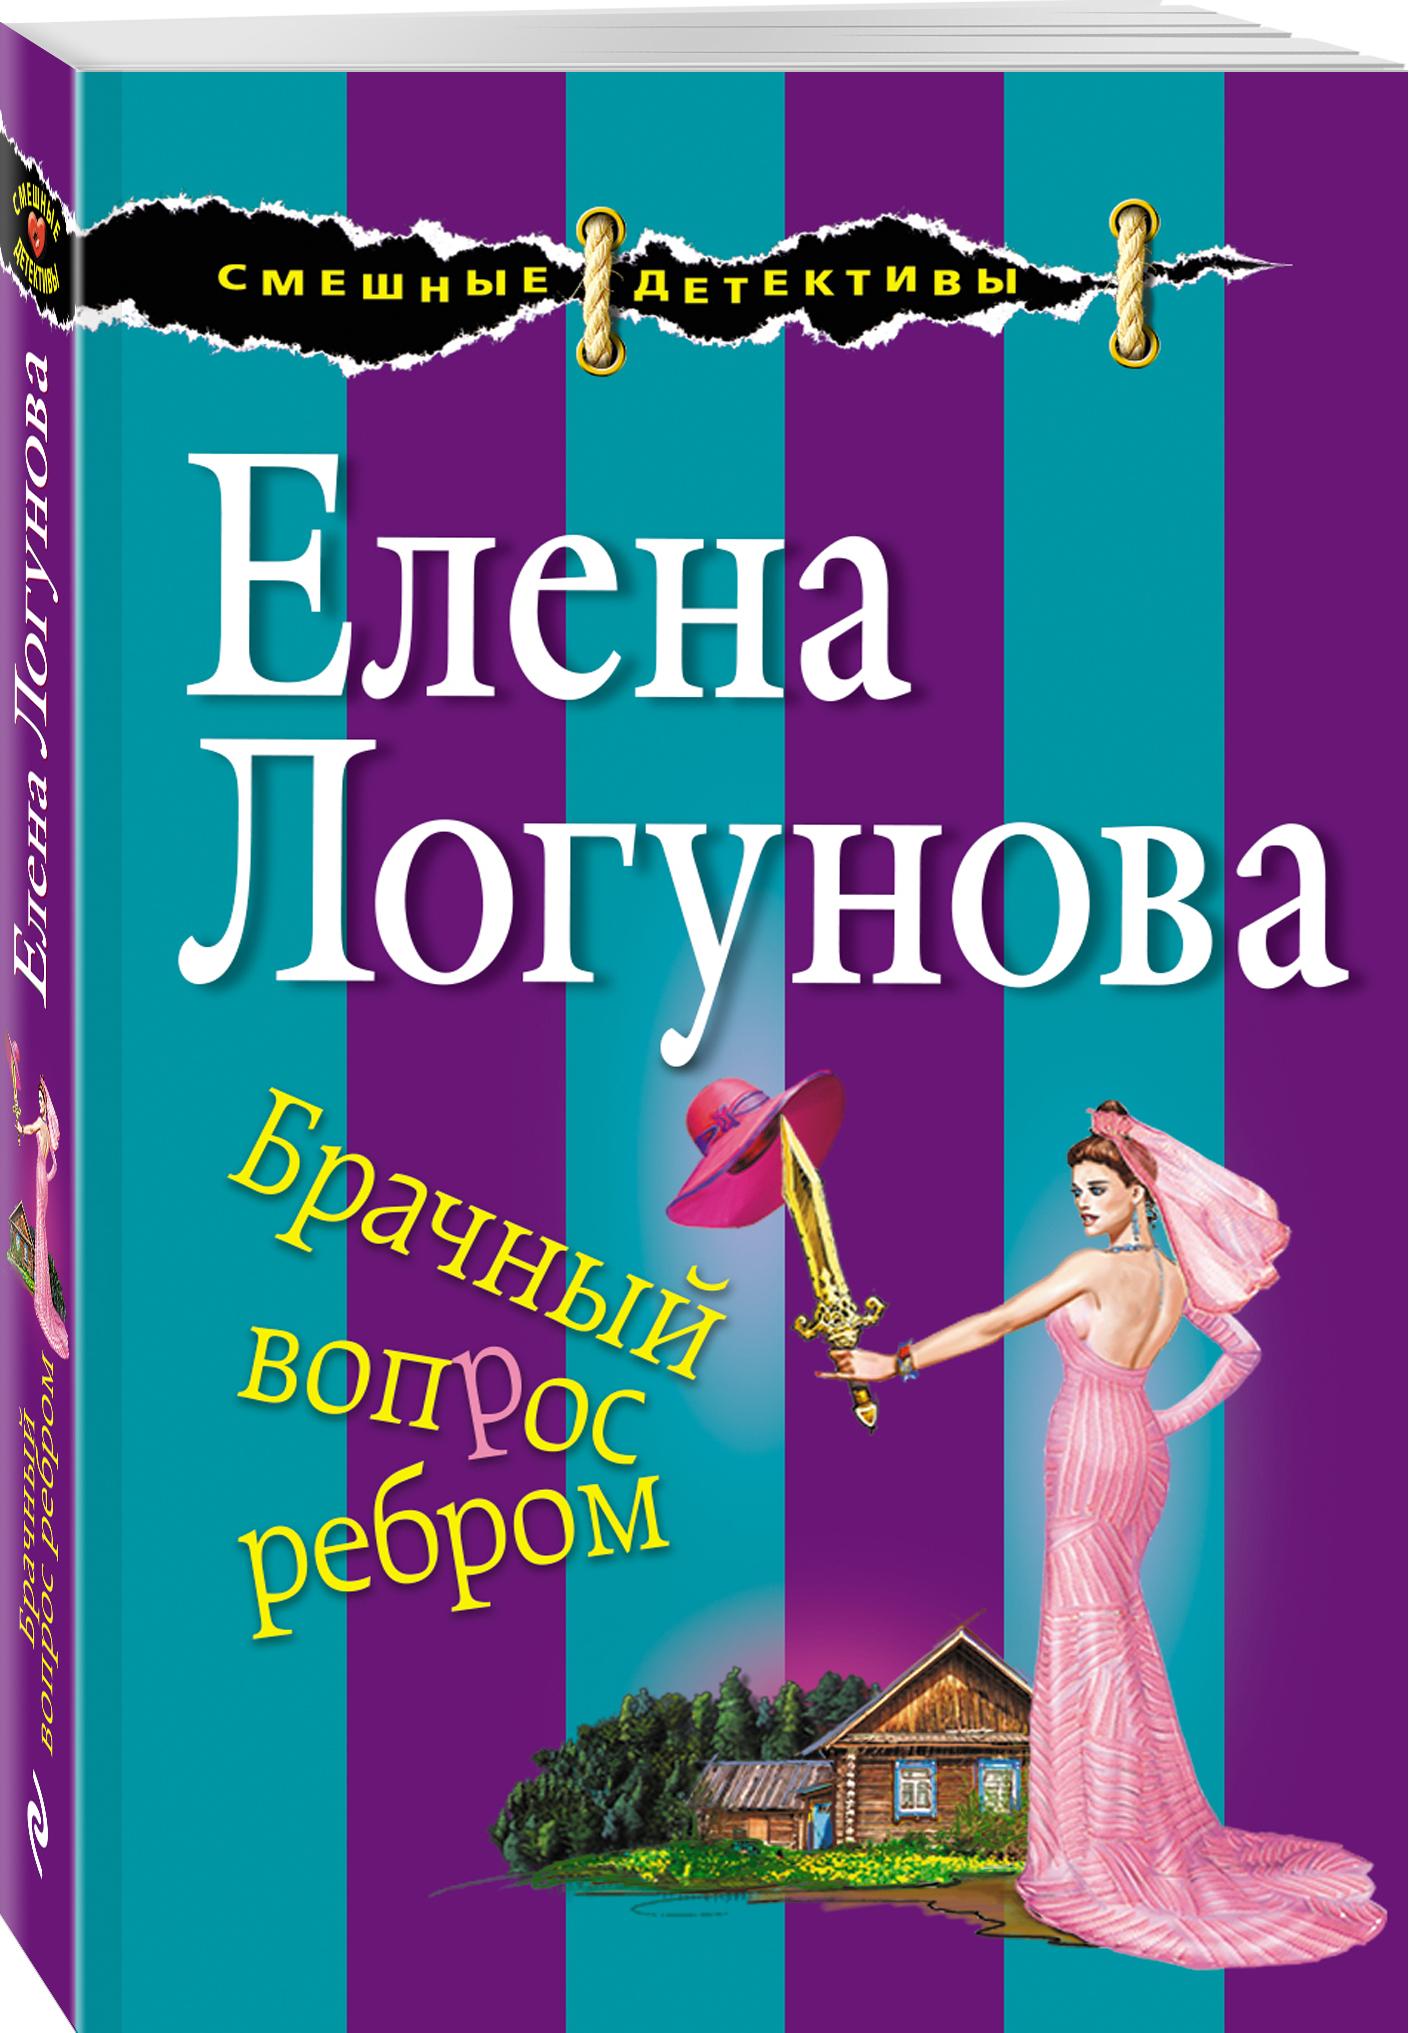 Елена Логунова Брачный вопрос ребром